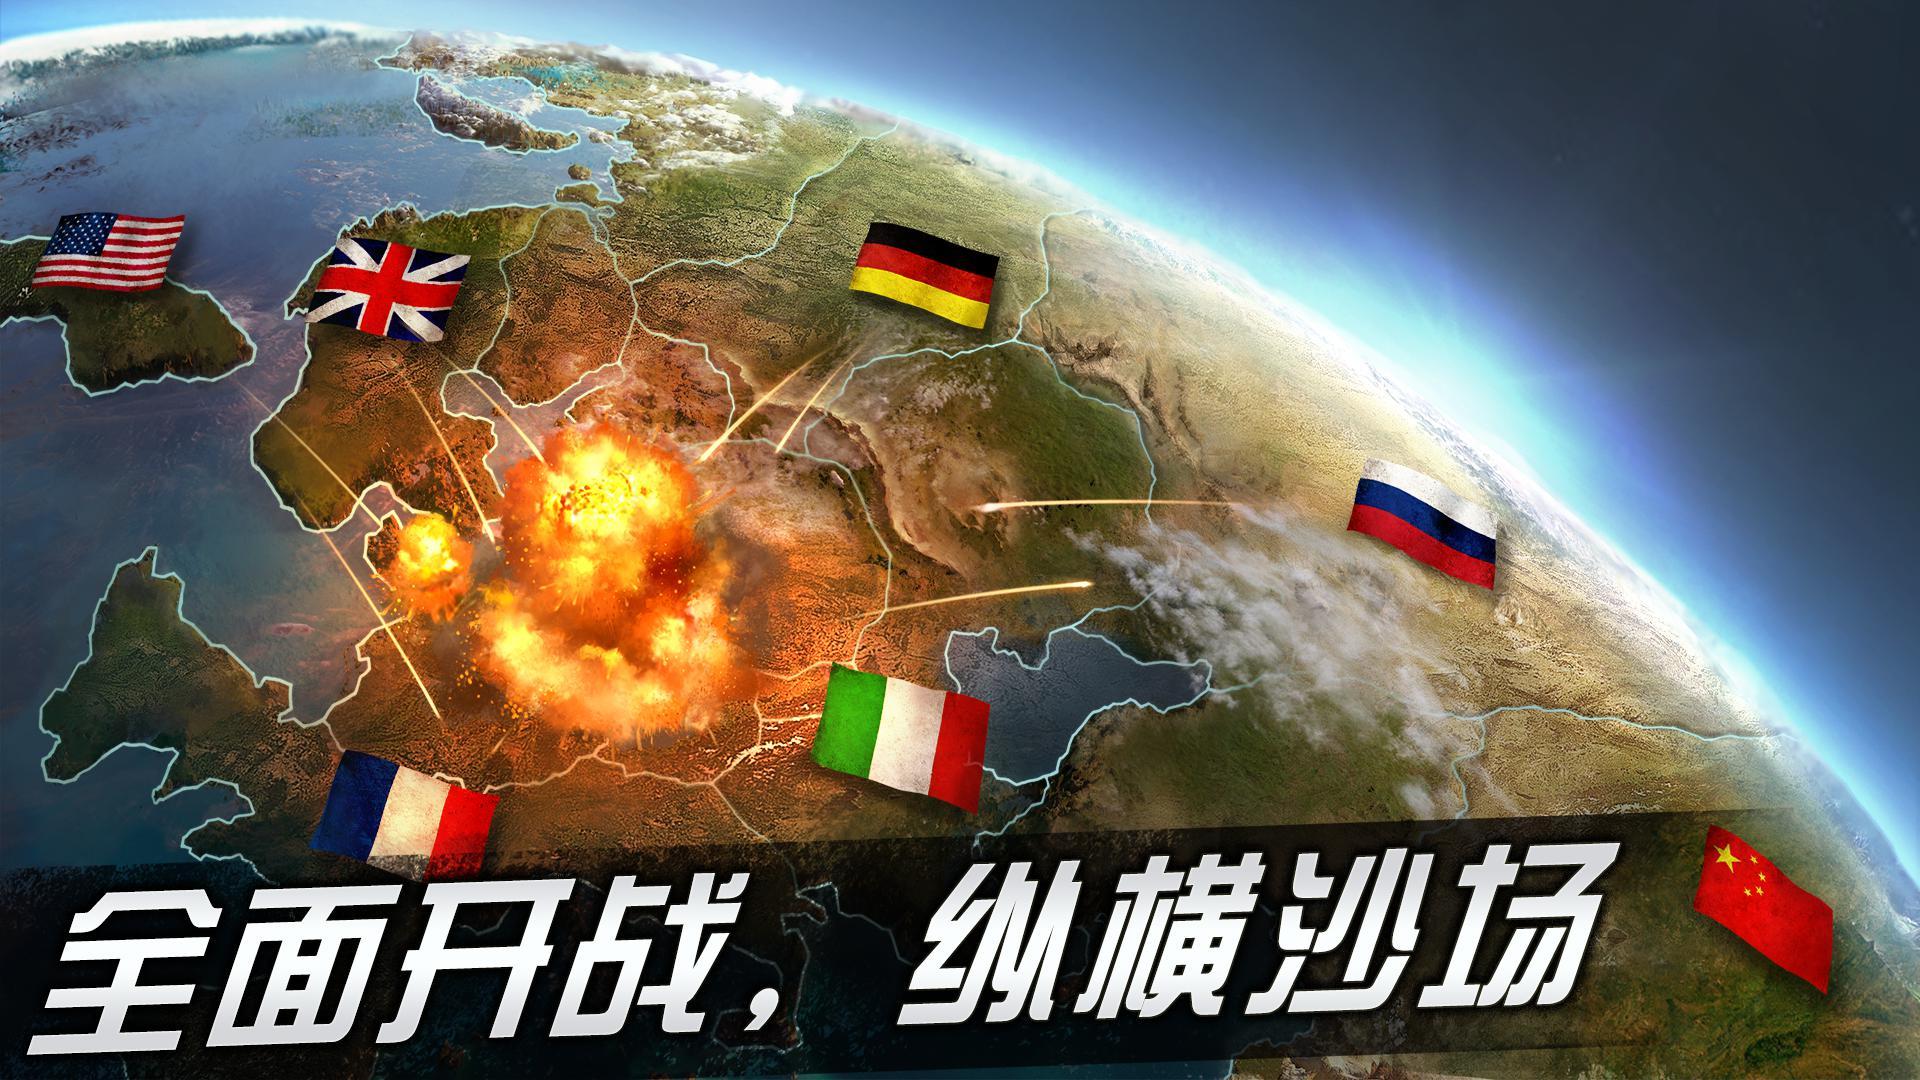 二战风云2(World Warfare) 游戏截图5